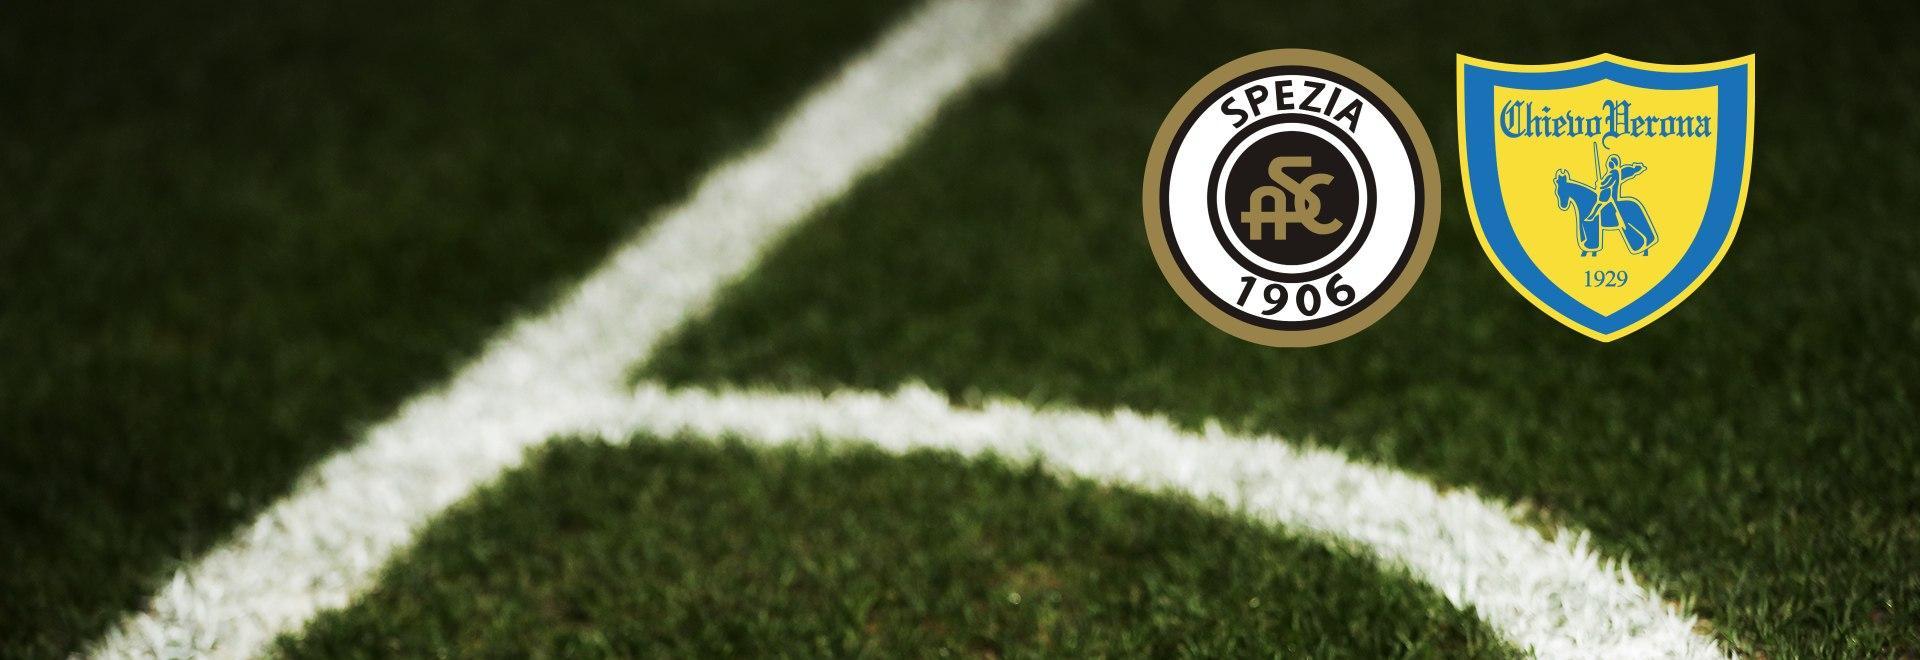 Spezia - Chievo. Playoff Semifinale Ritorno